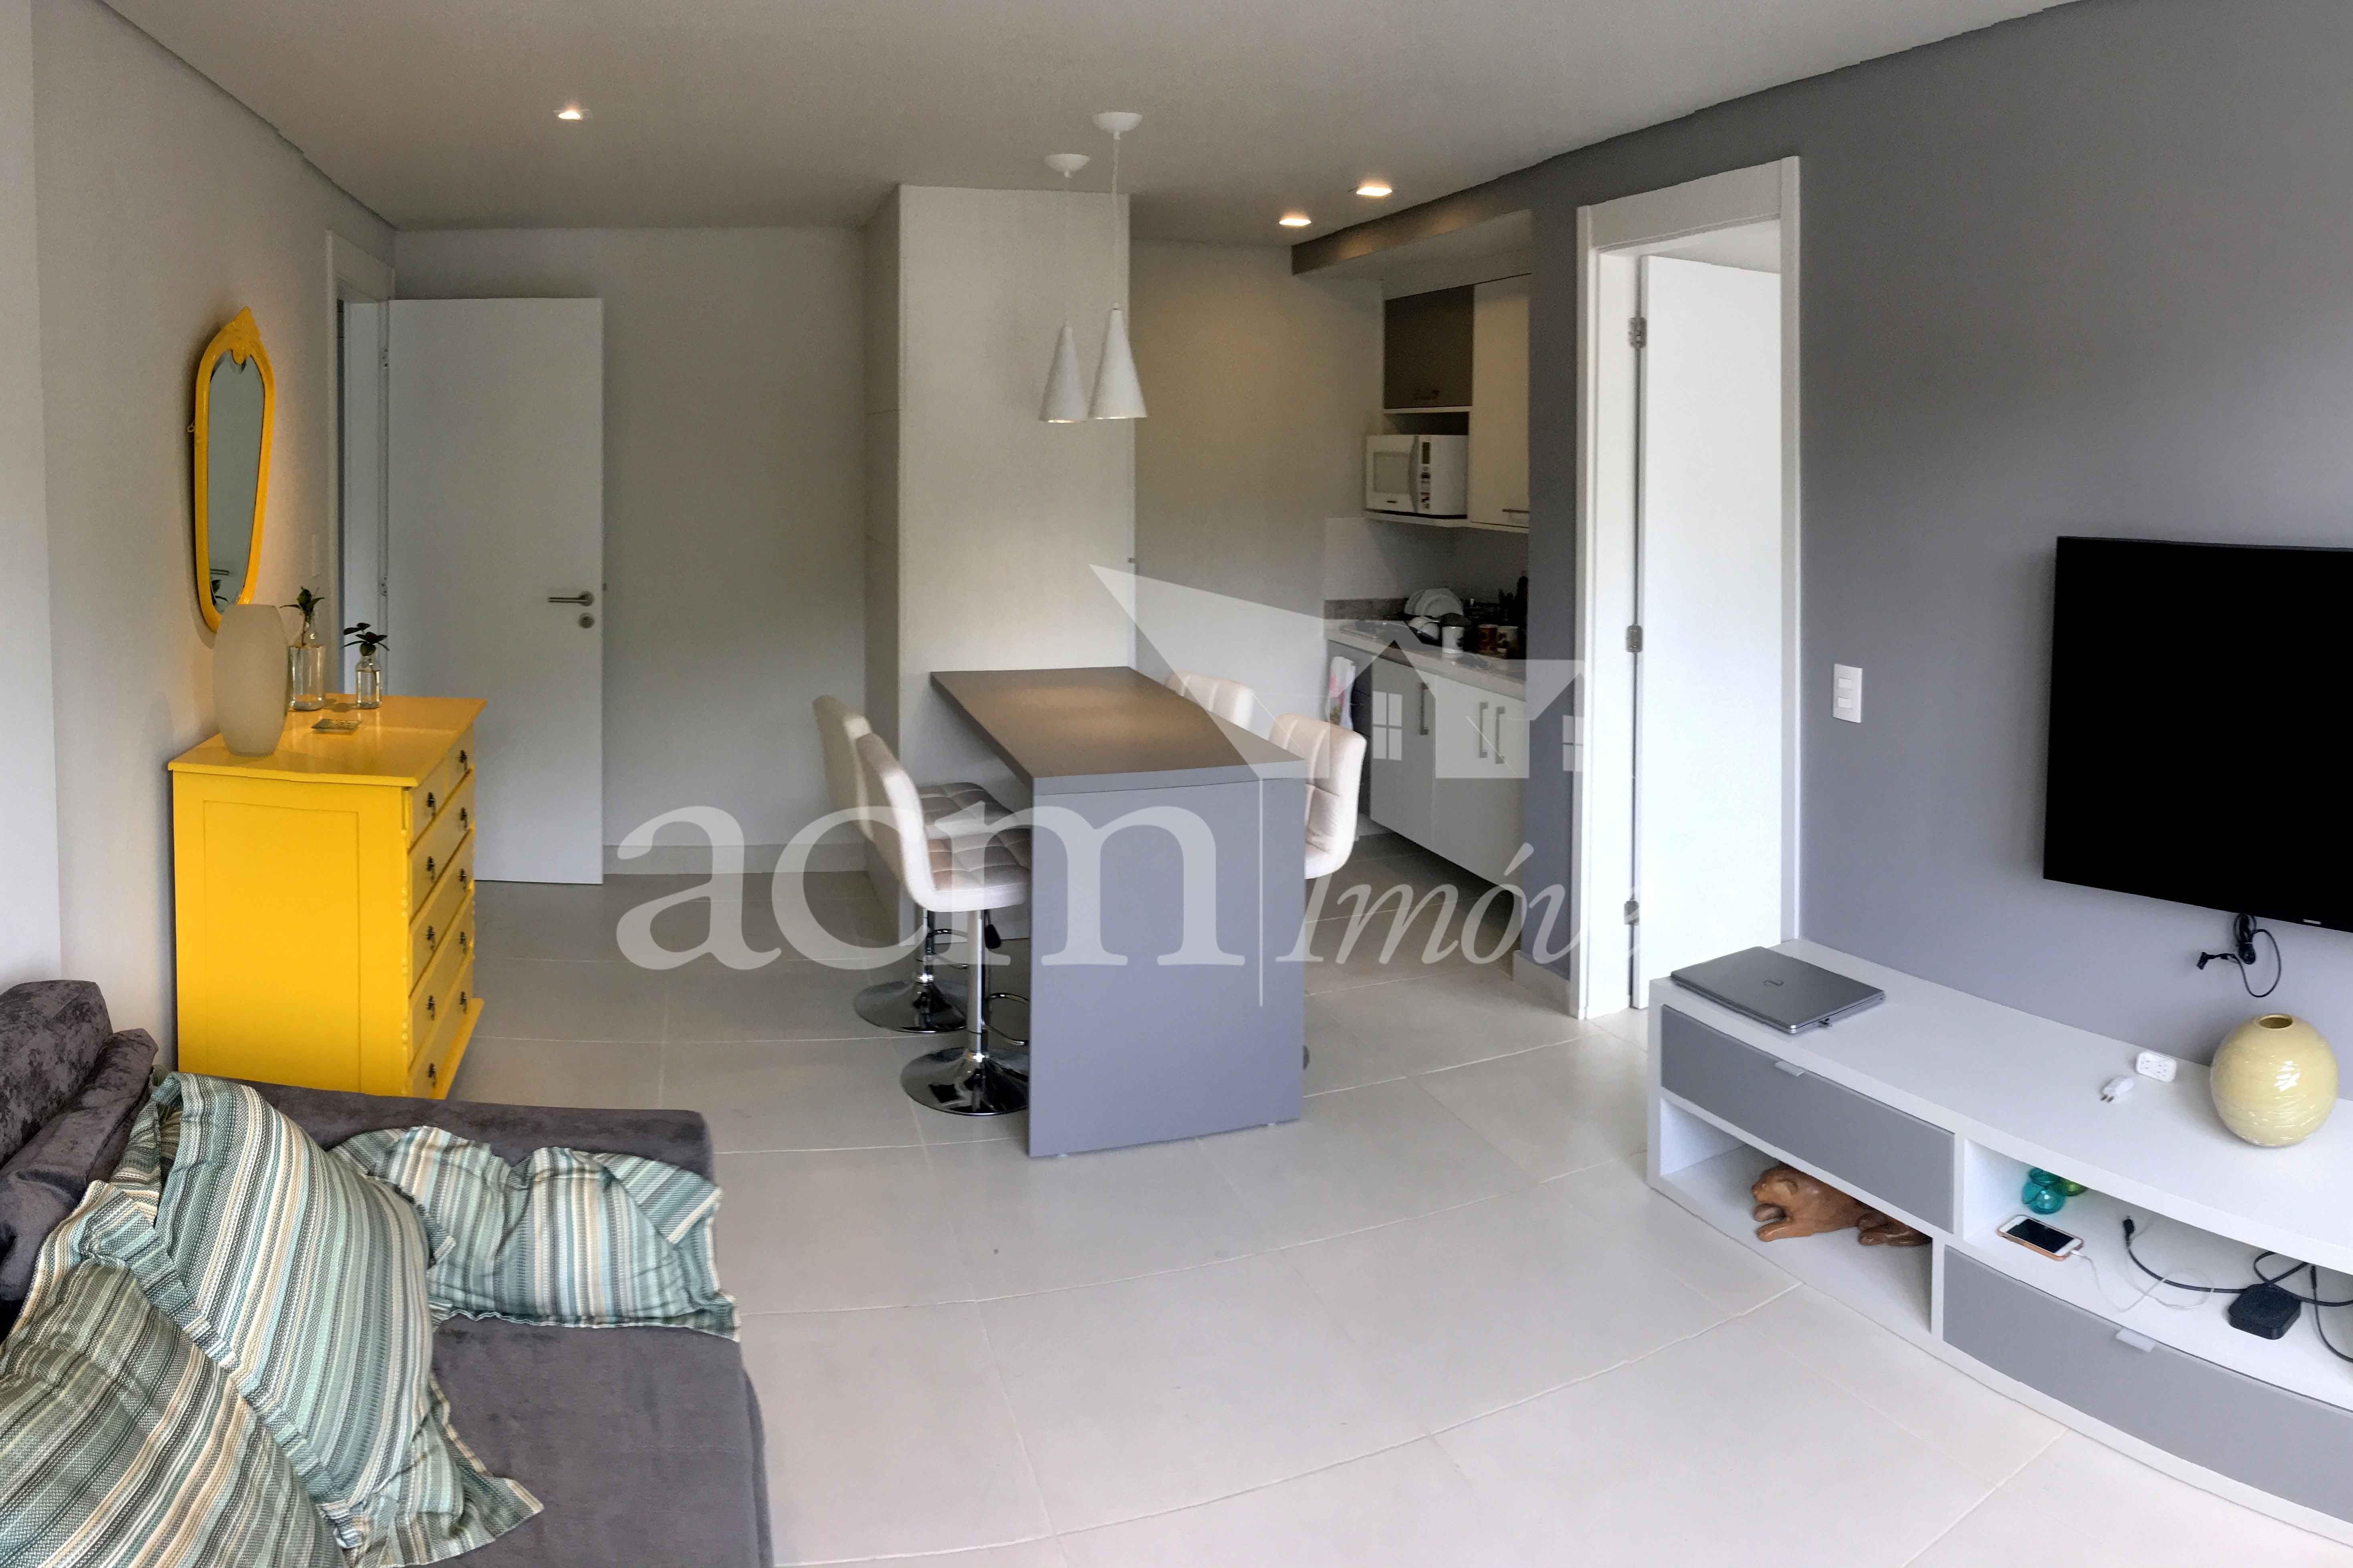 Compre Ou Alugue Uma Casa Apartamento Ou Sitios Em Itaipava E  ~ Teto Rebaixado De Gesso Para Quarto